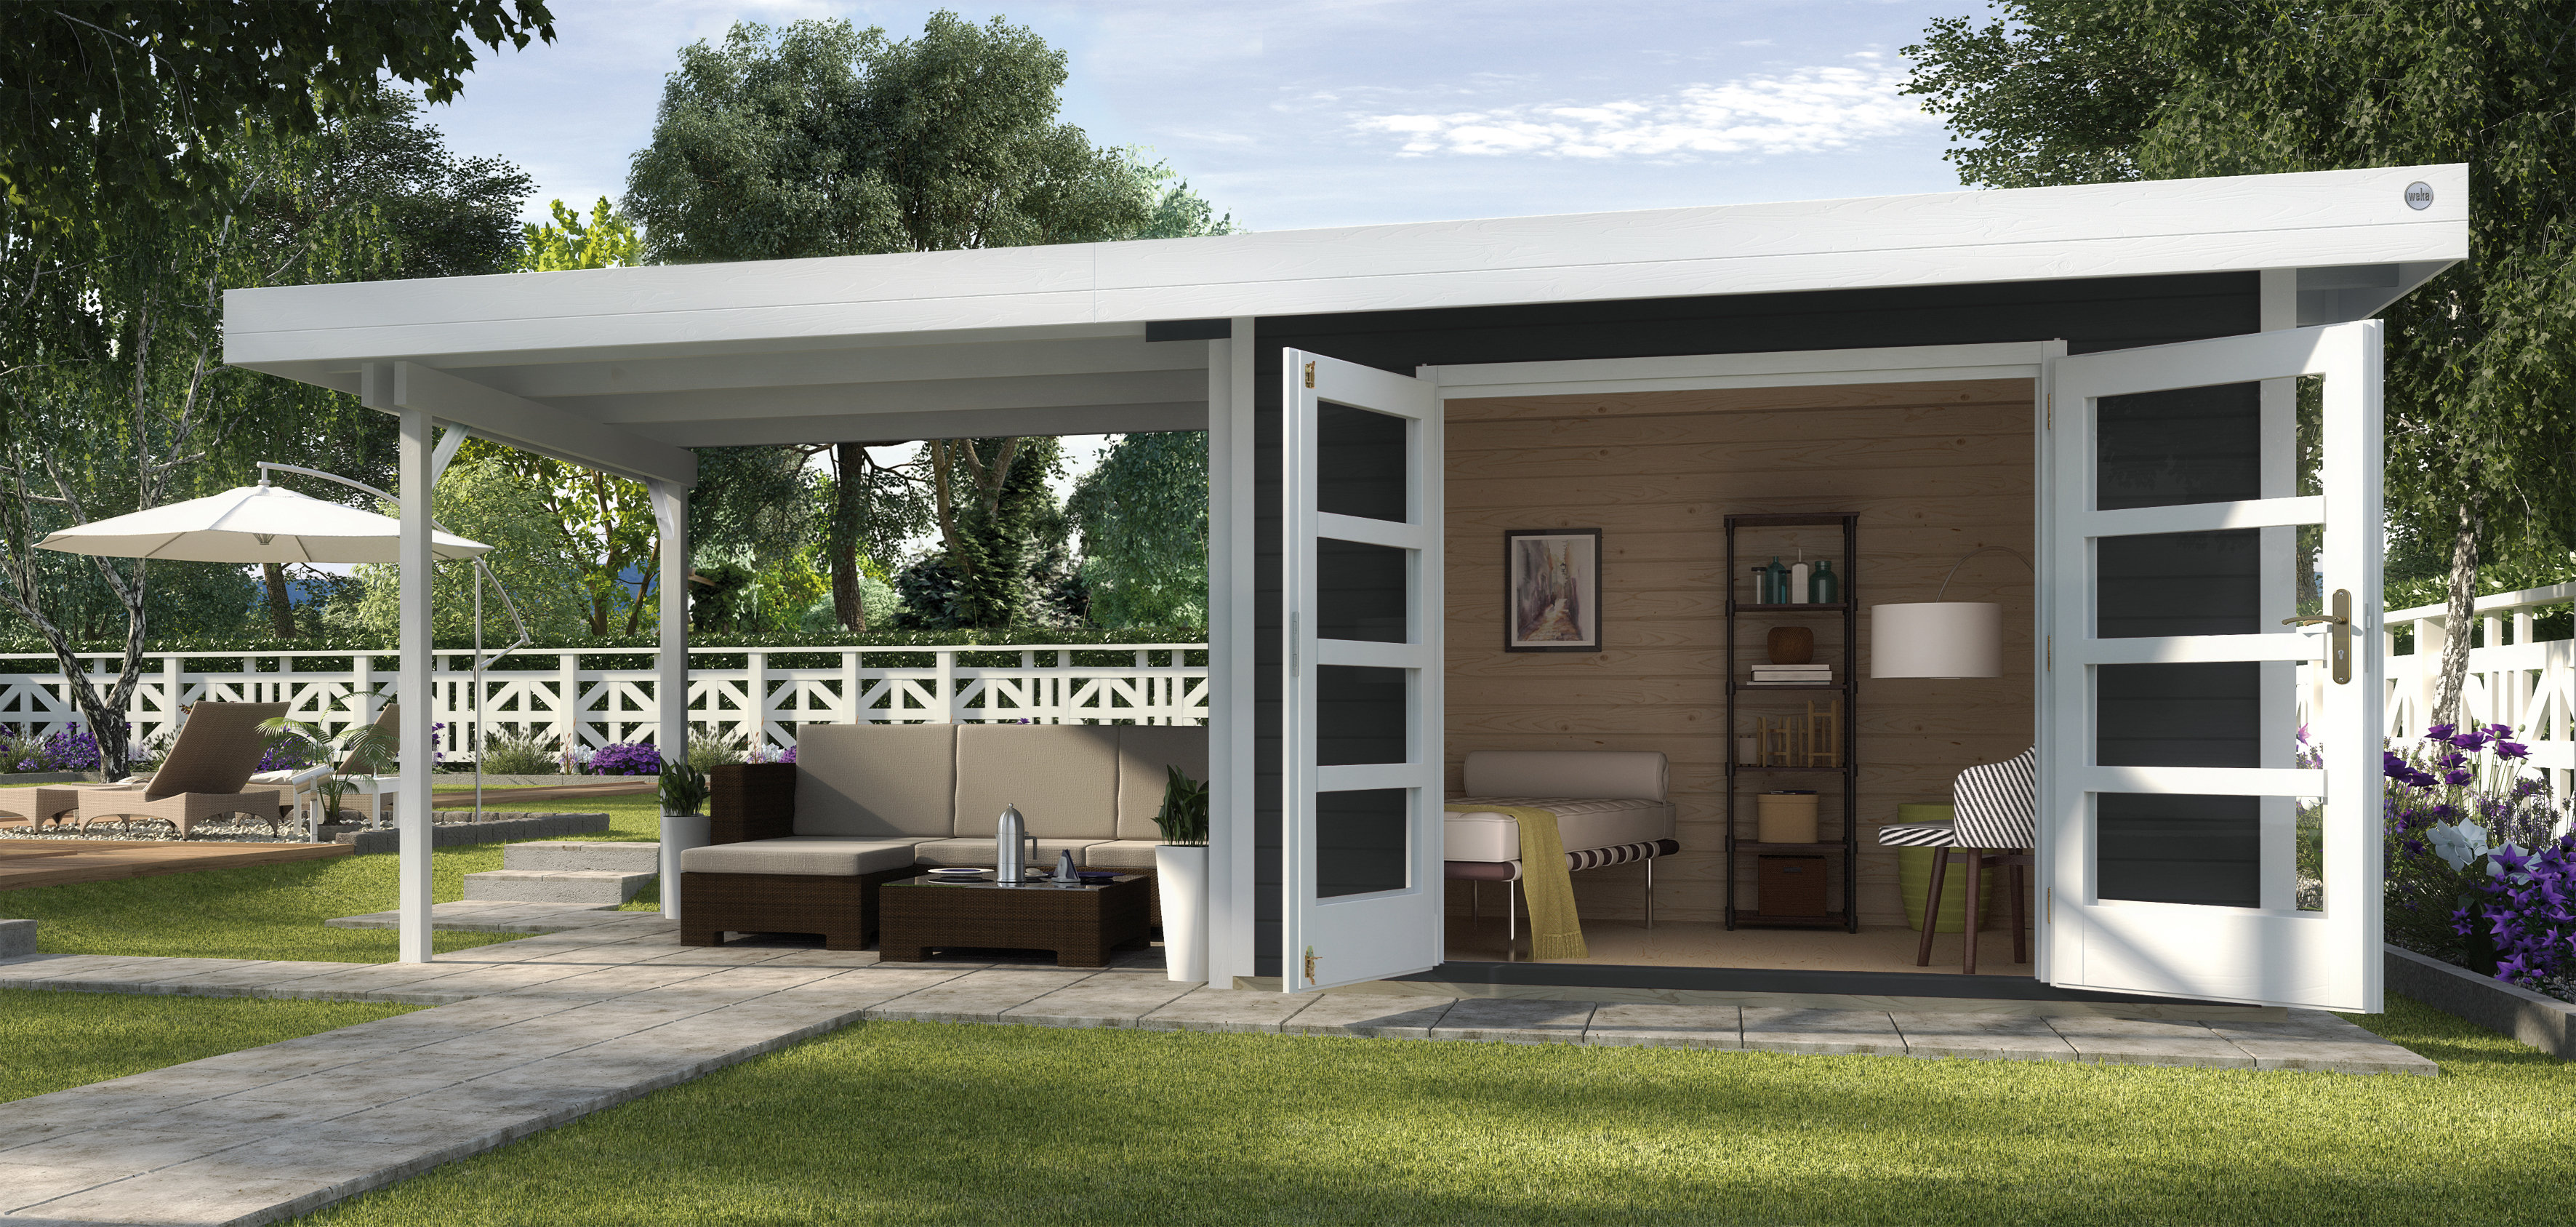 Abri De Jardin Design Toit Plat Avec Auvent - Abri Bois De 10 À 15 M² Nea  Concept intérieur Abri Jardin Toit Plat